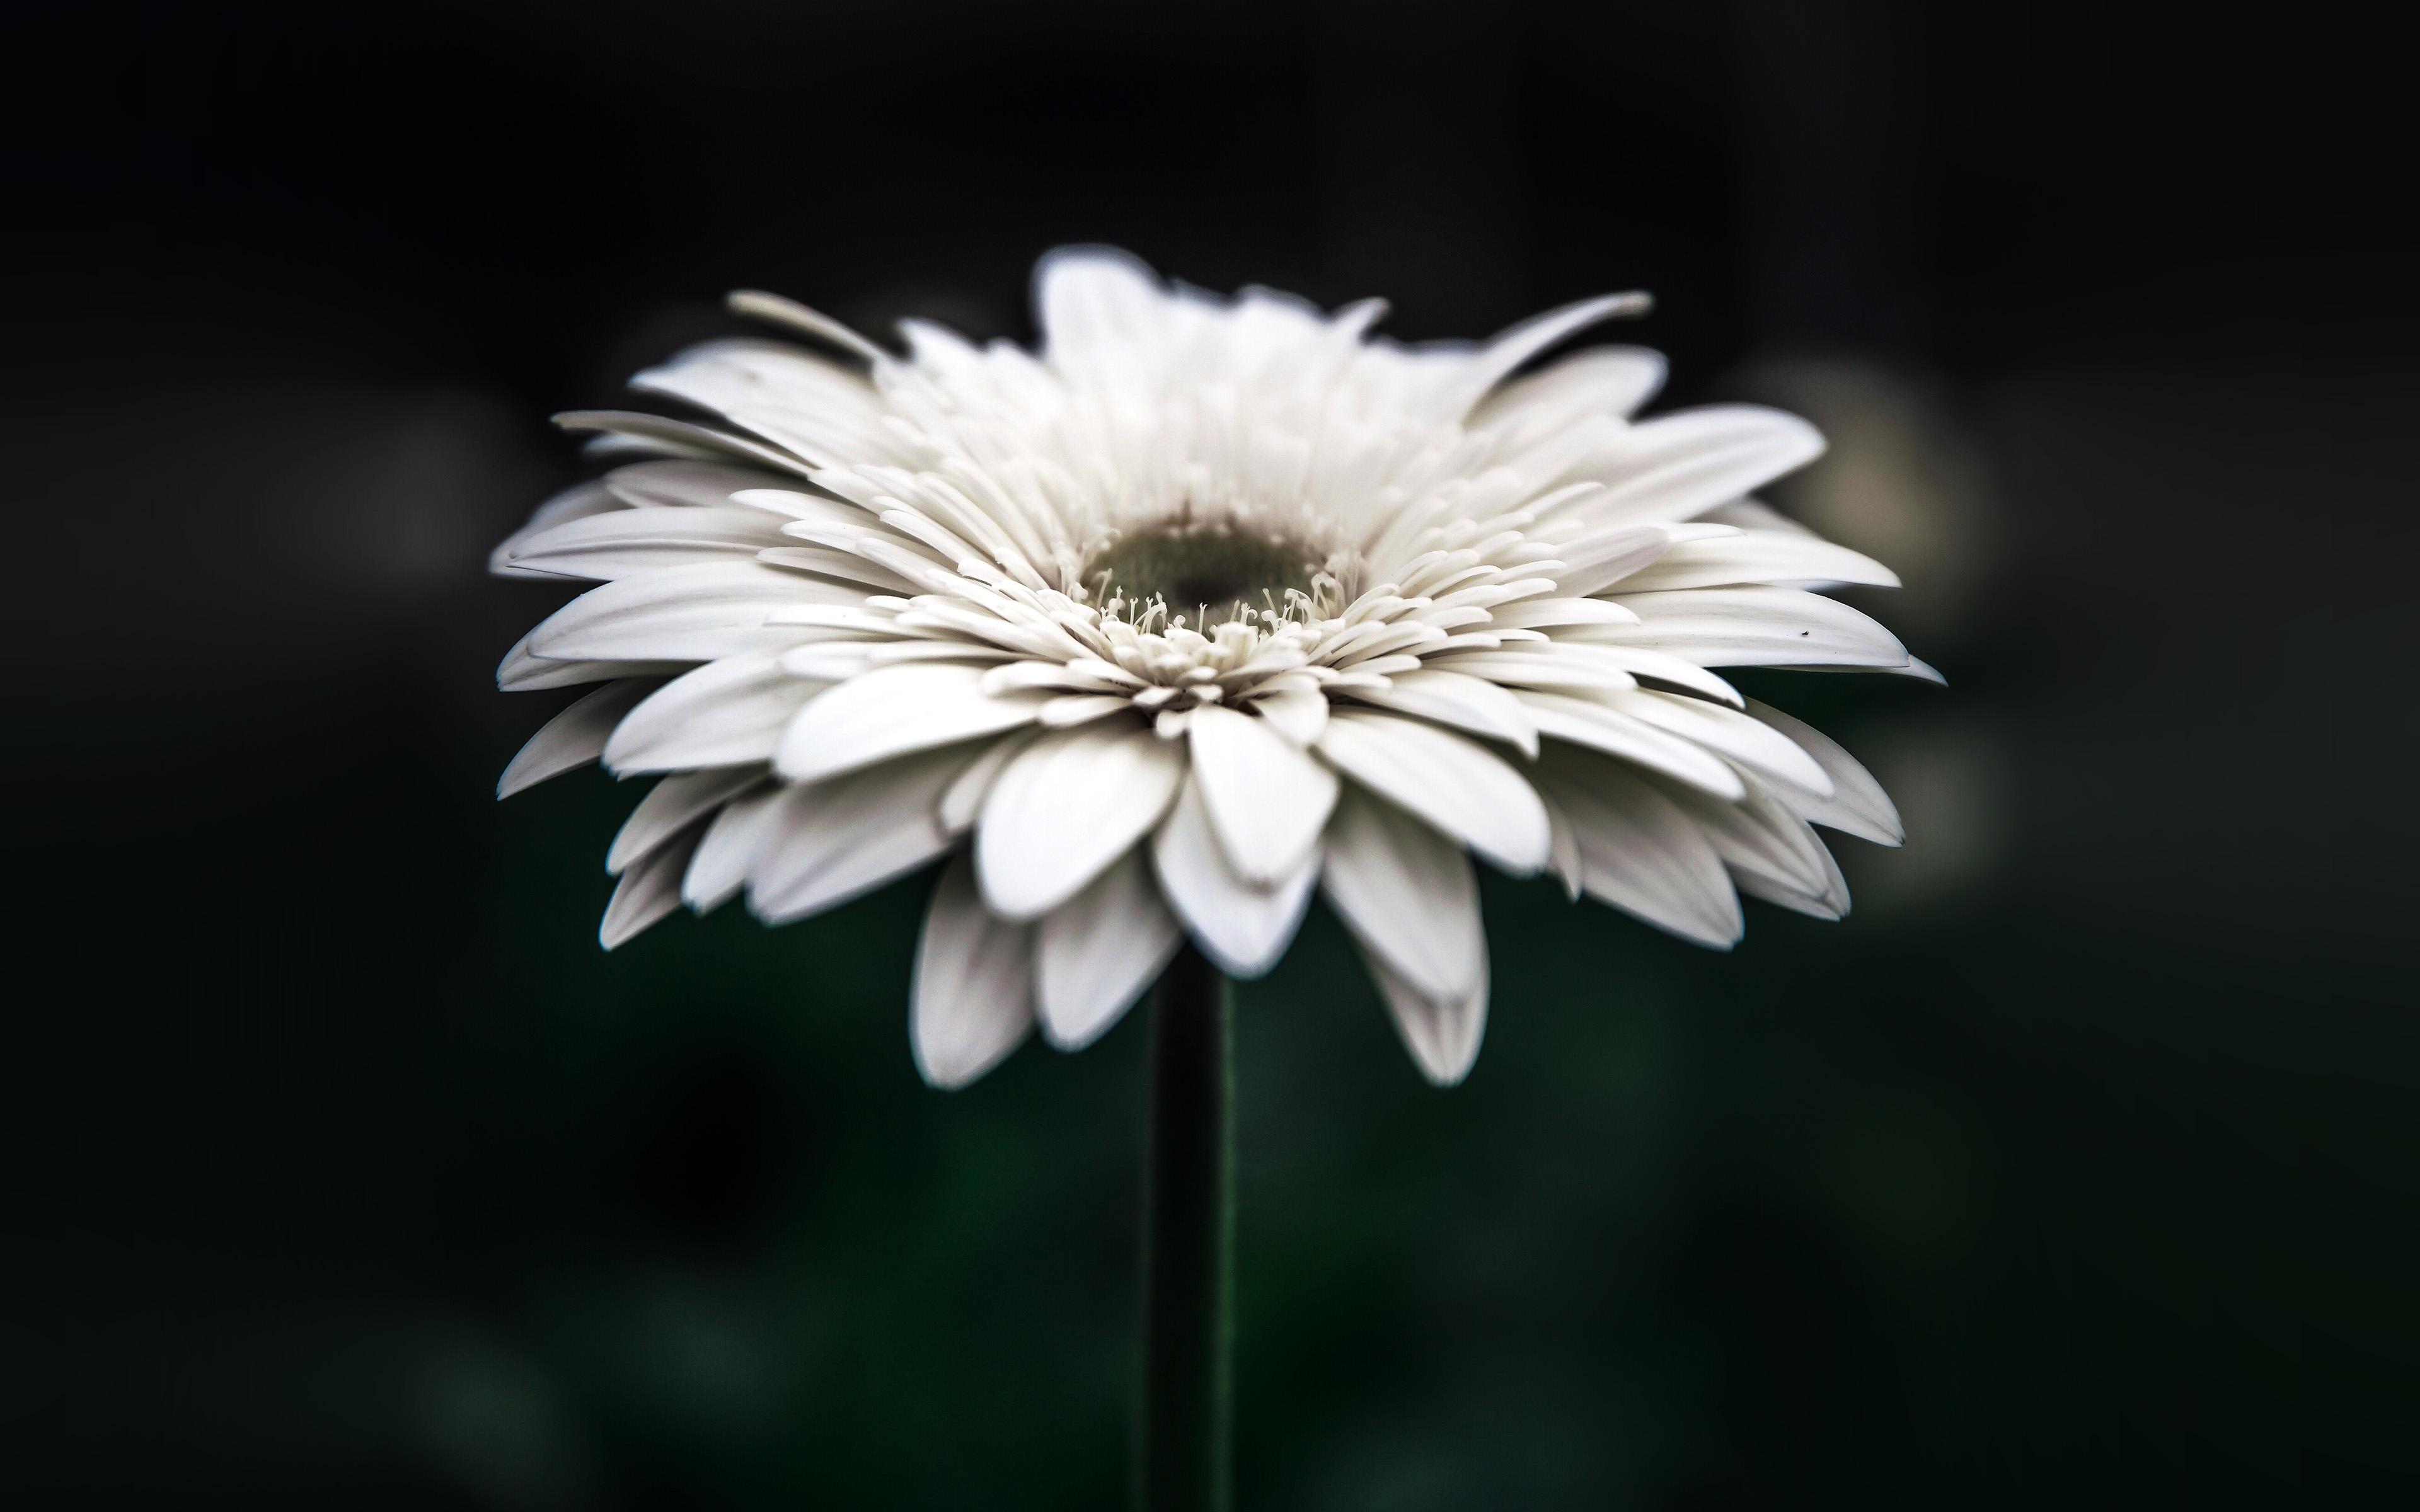 Wallpaper For Desktop Laptop Np66 Flower Dark Bokeh White Nature